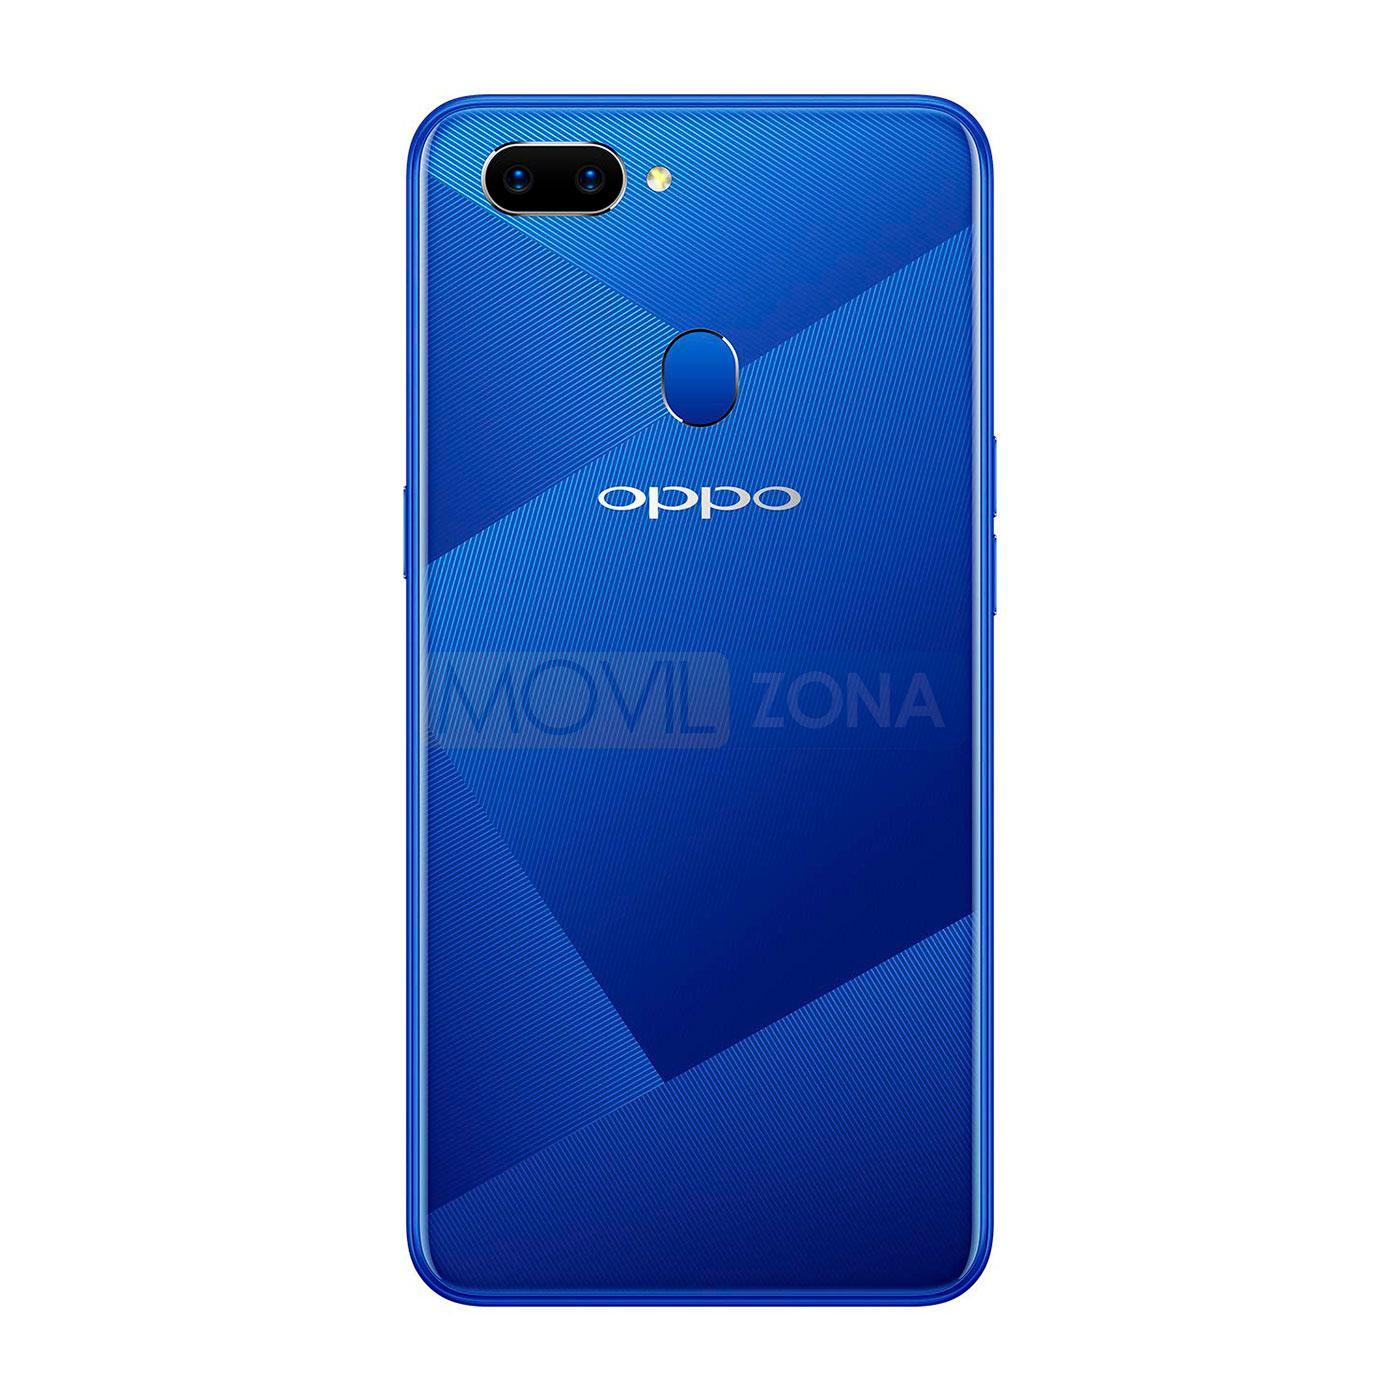 OPPO A5 cámara